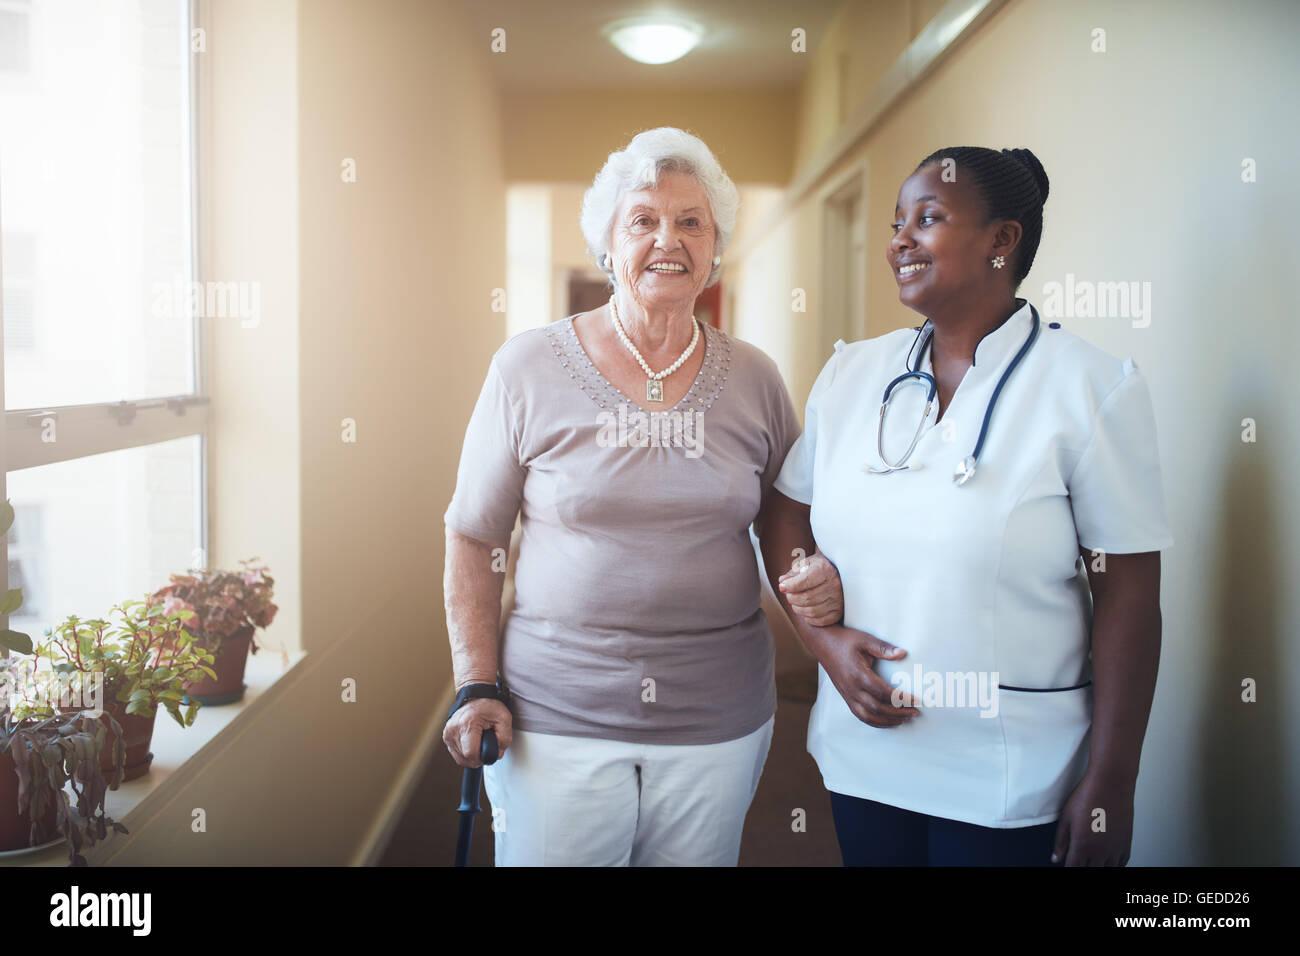 Feliz trabajador sanitario y la mujer mayor junto al hogar de ancianos. Cuidado médico femenino senior ayudando Imagen De Stock